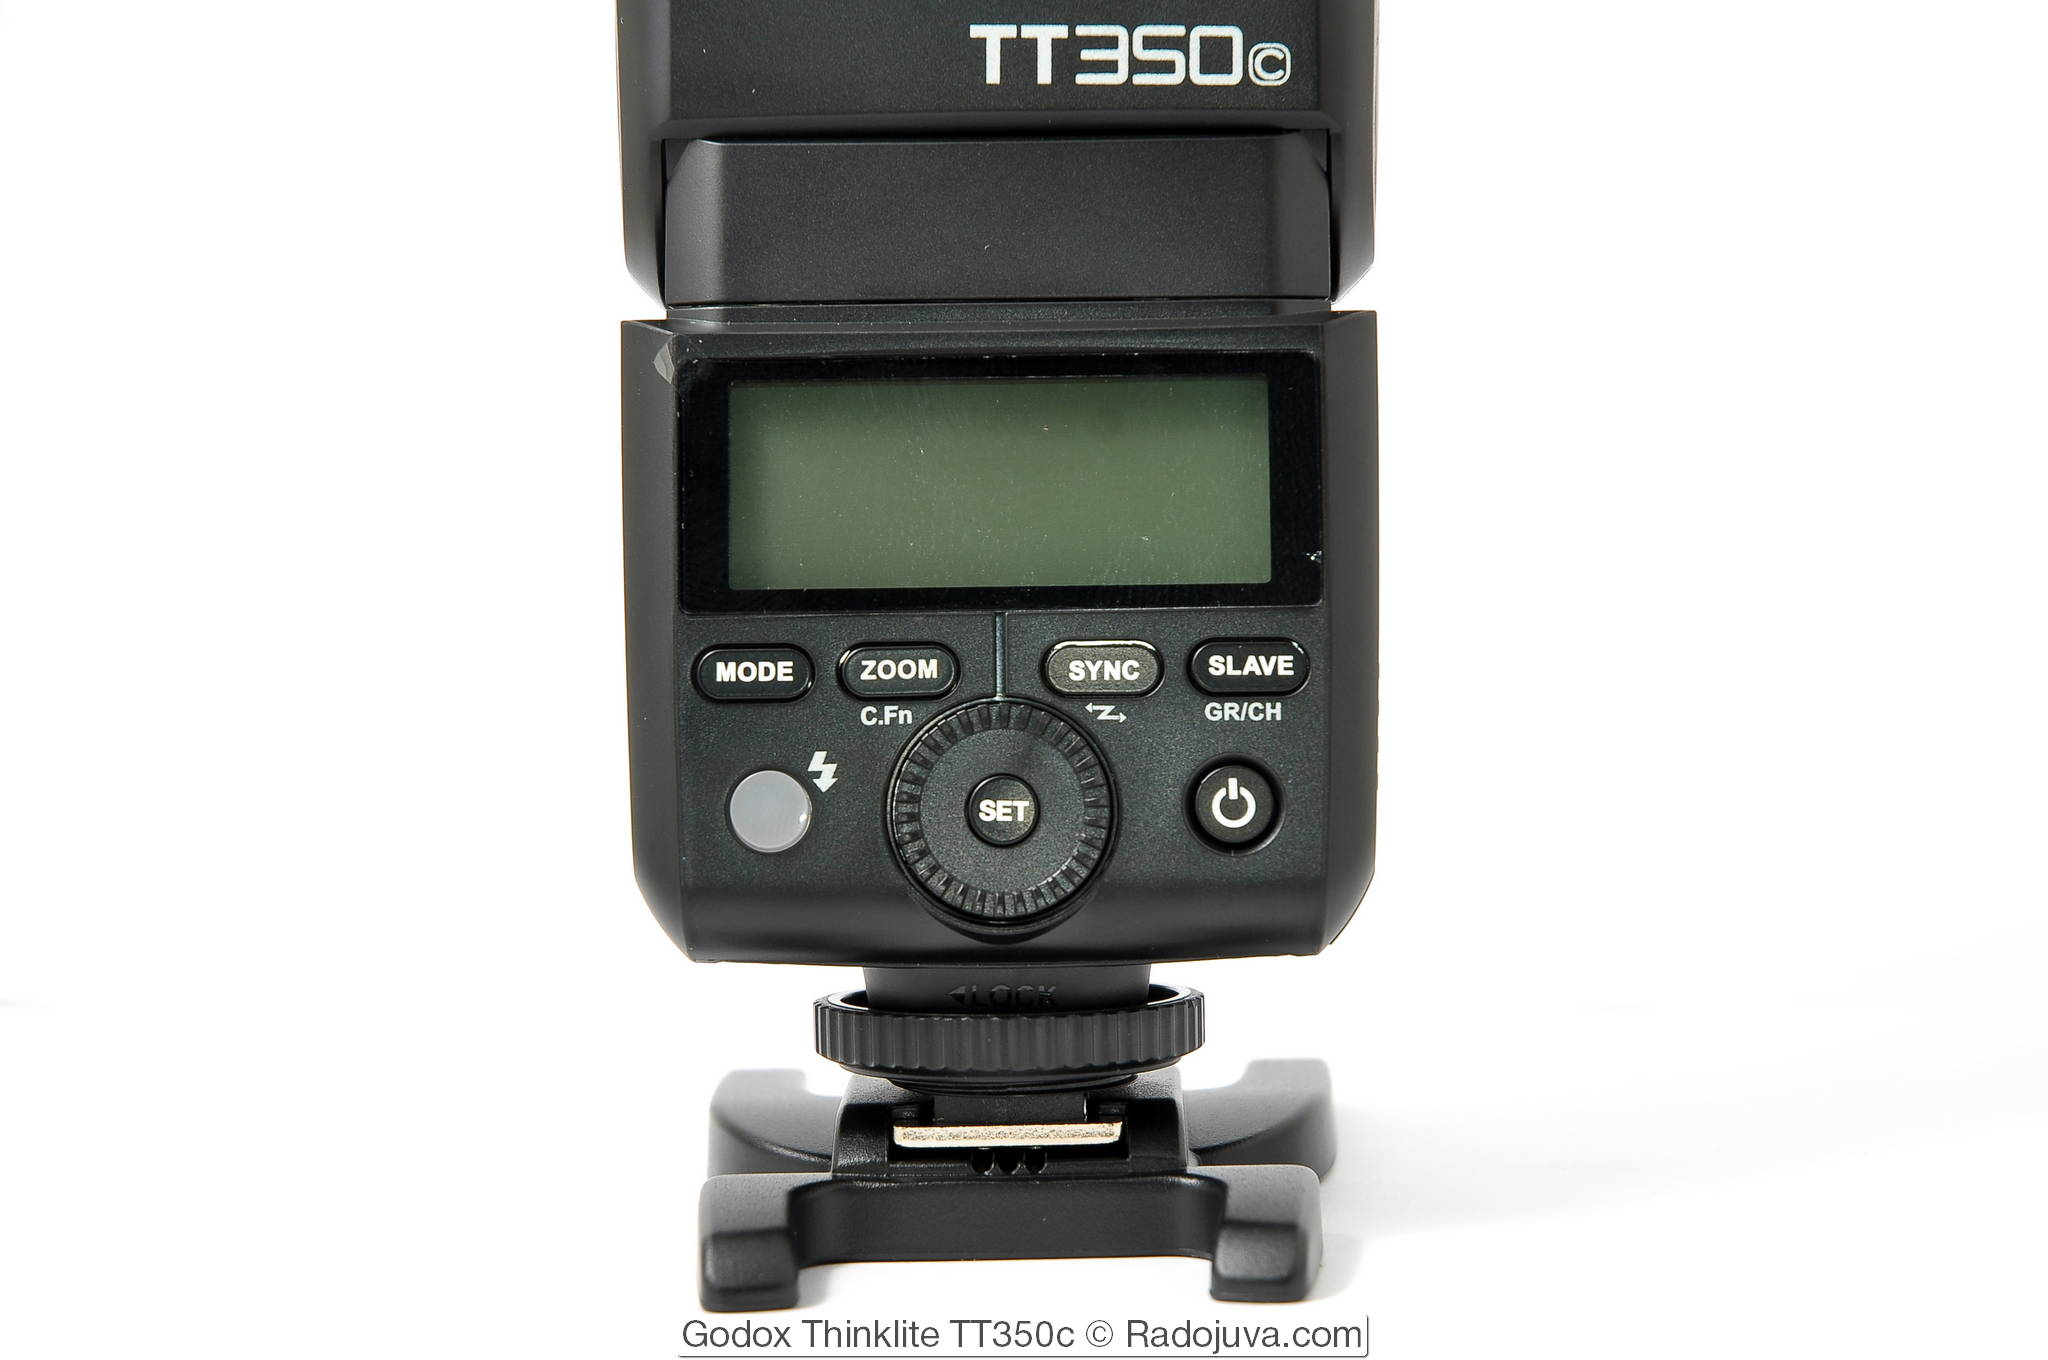 Godox Thinklite TT350c